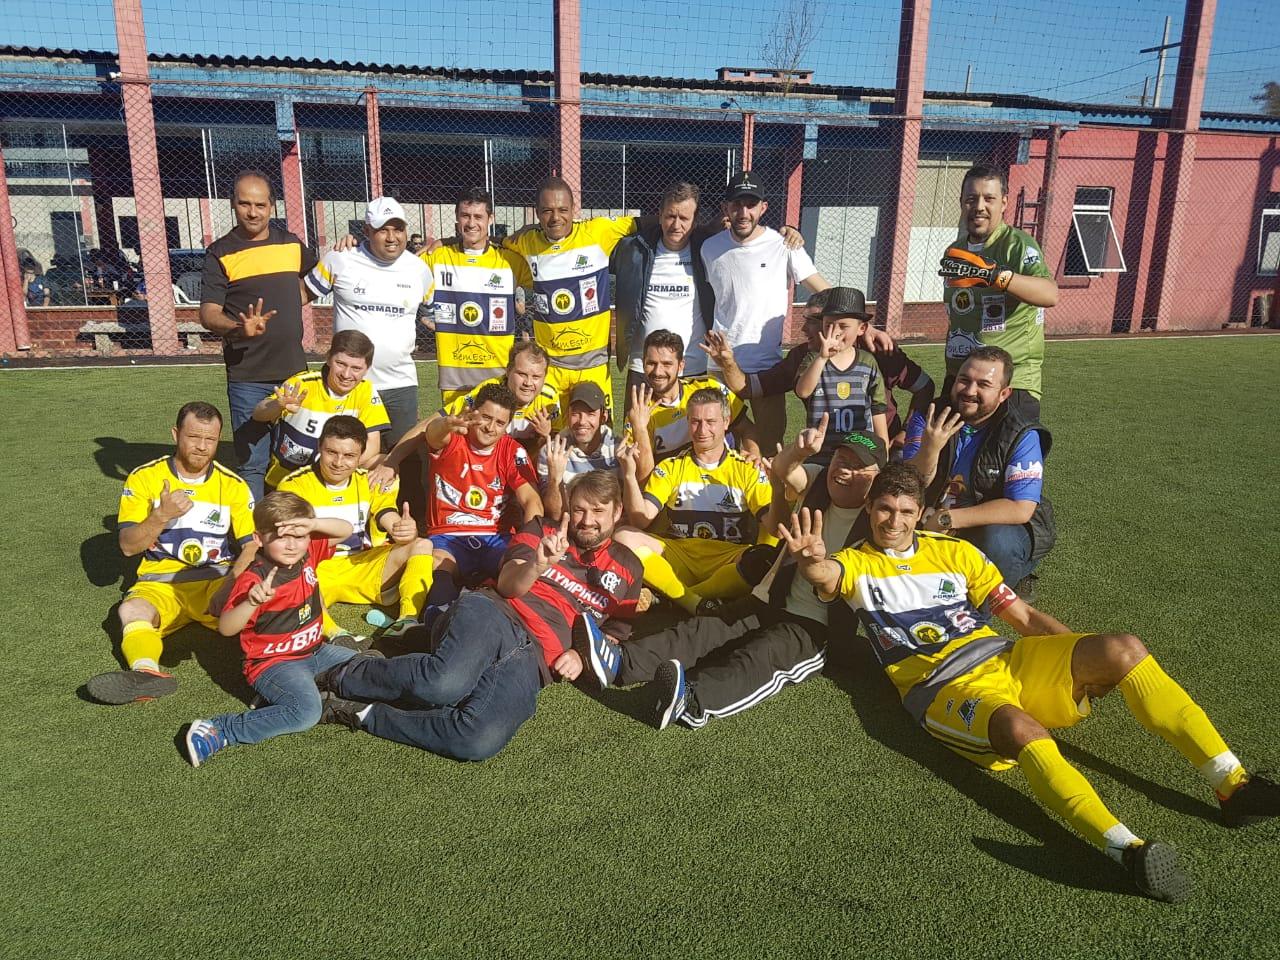 JOGOS DO SESI  Pormade é campeã do futebol sete máster - Esportes ... 7f3ffac7c1ffe